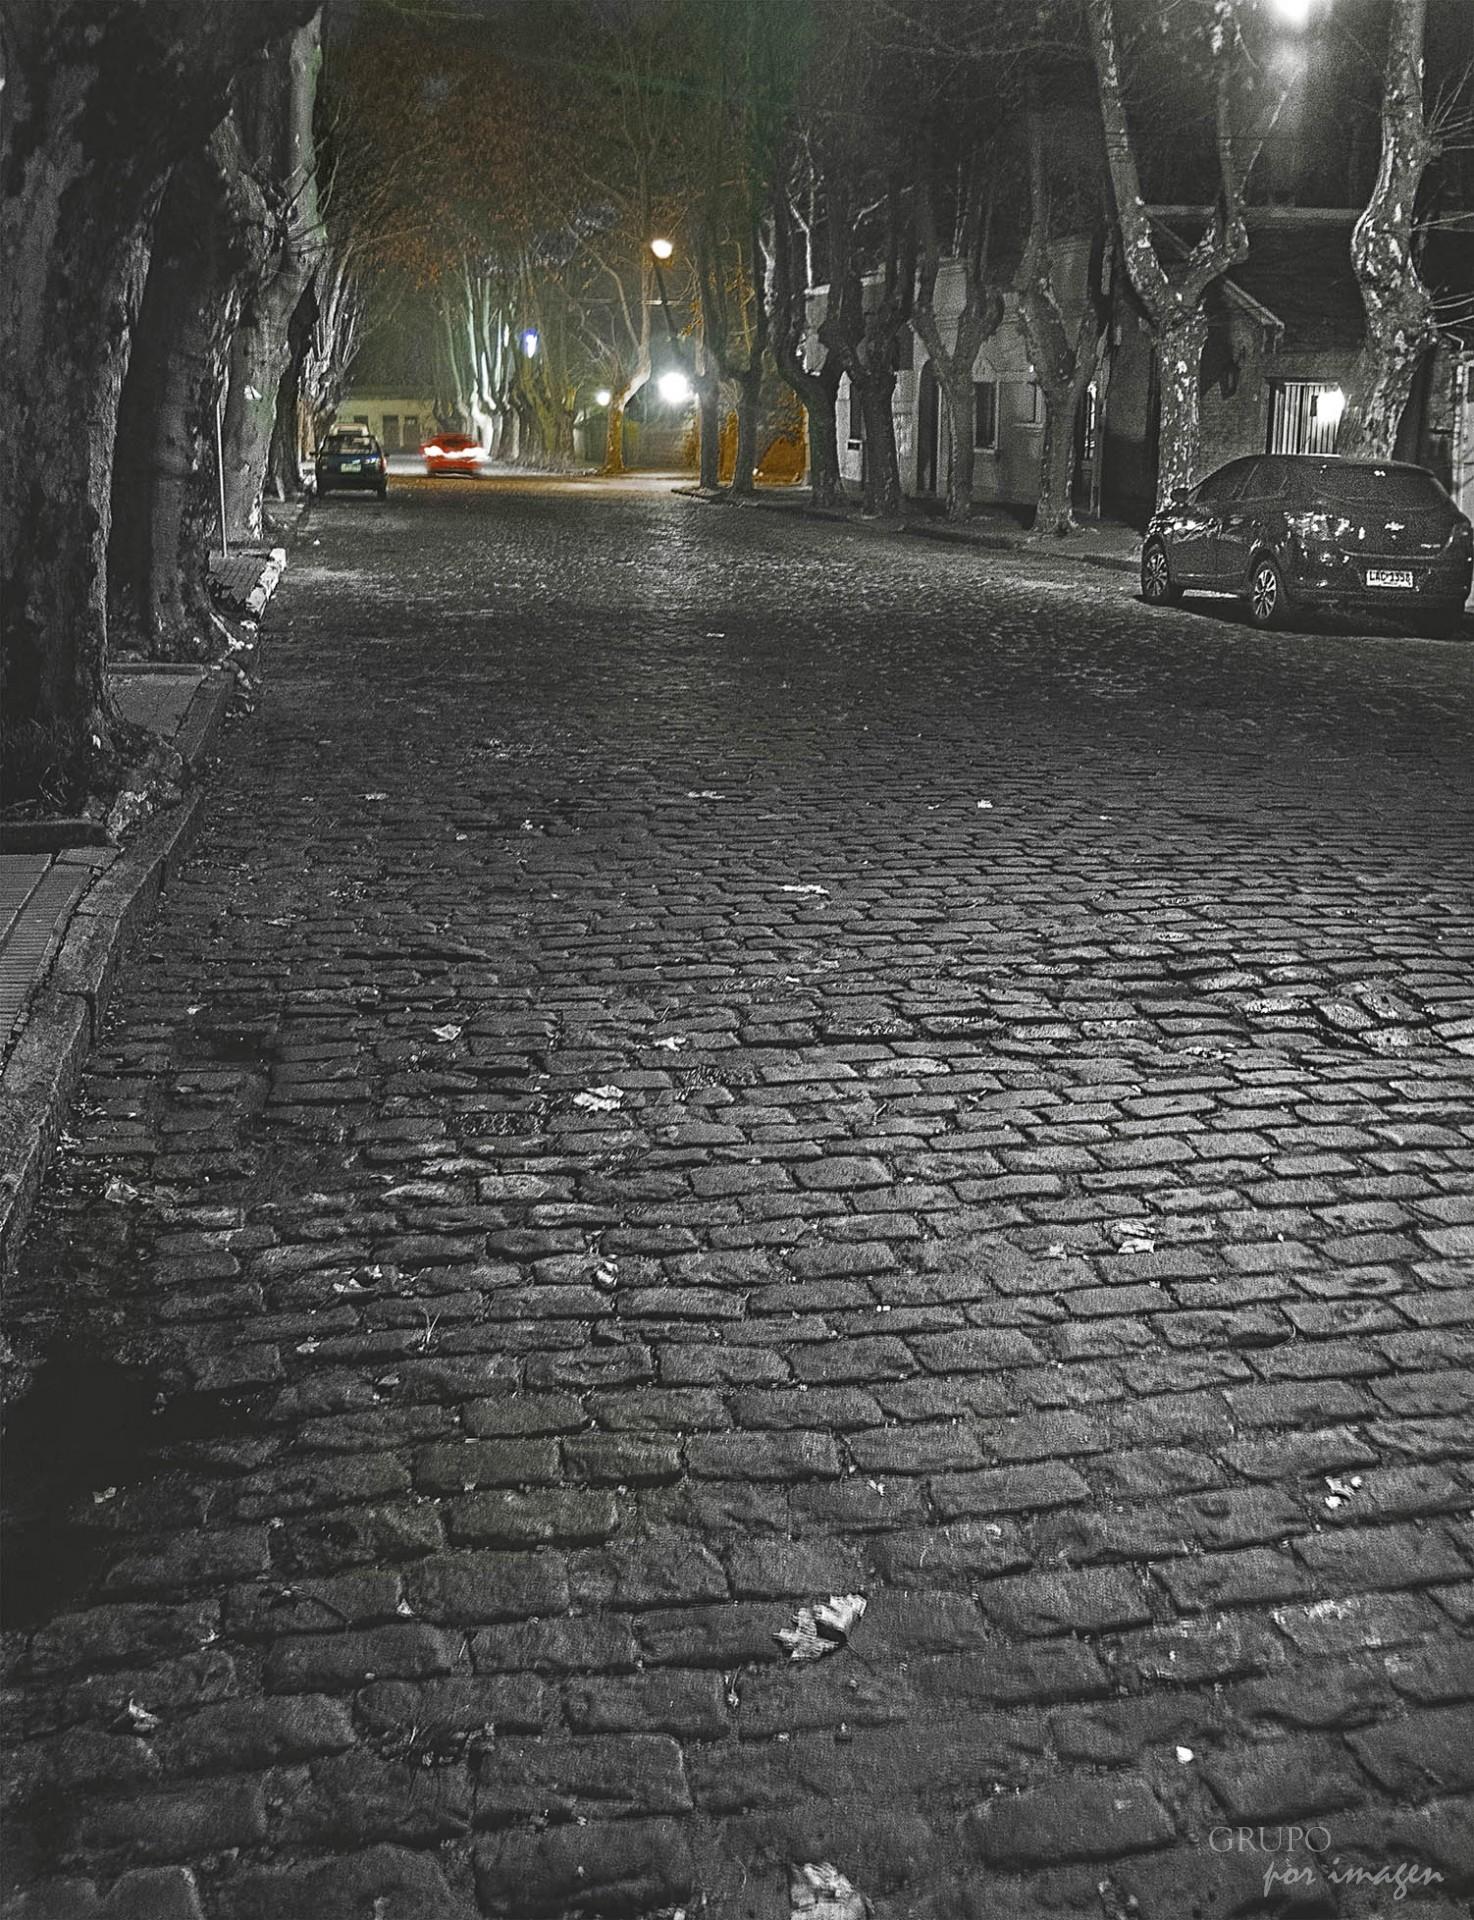 Colonia nocturna / Alberto Canevaro